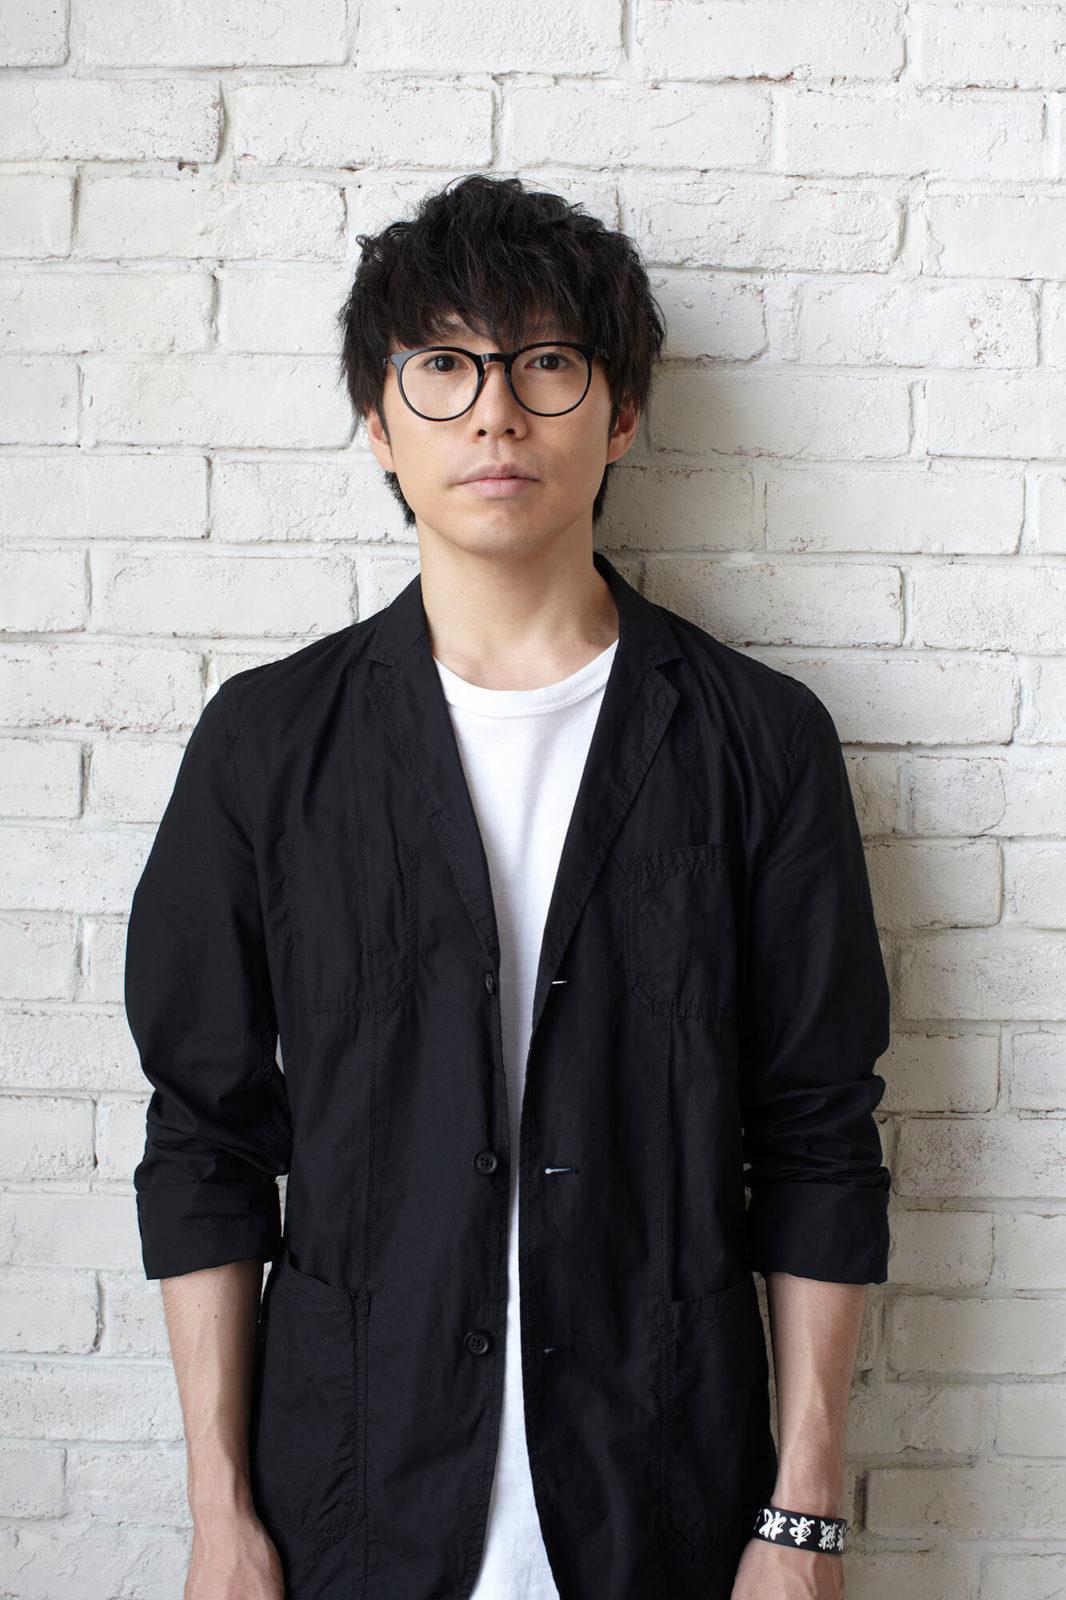 高橋優、全国ツアーから横浜アリーナ公演がWOWOWで5月放送サムネイル画像